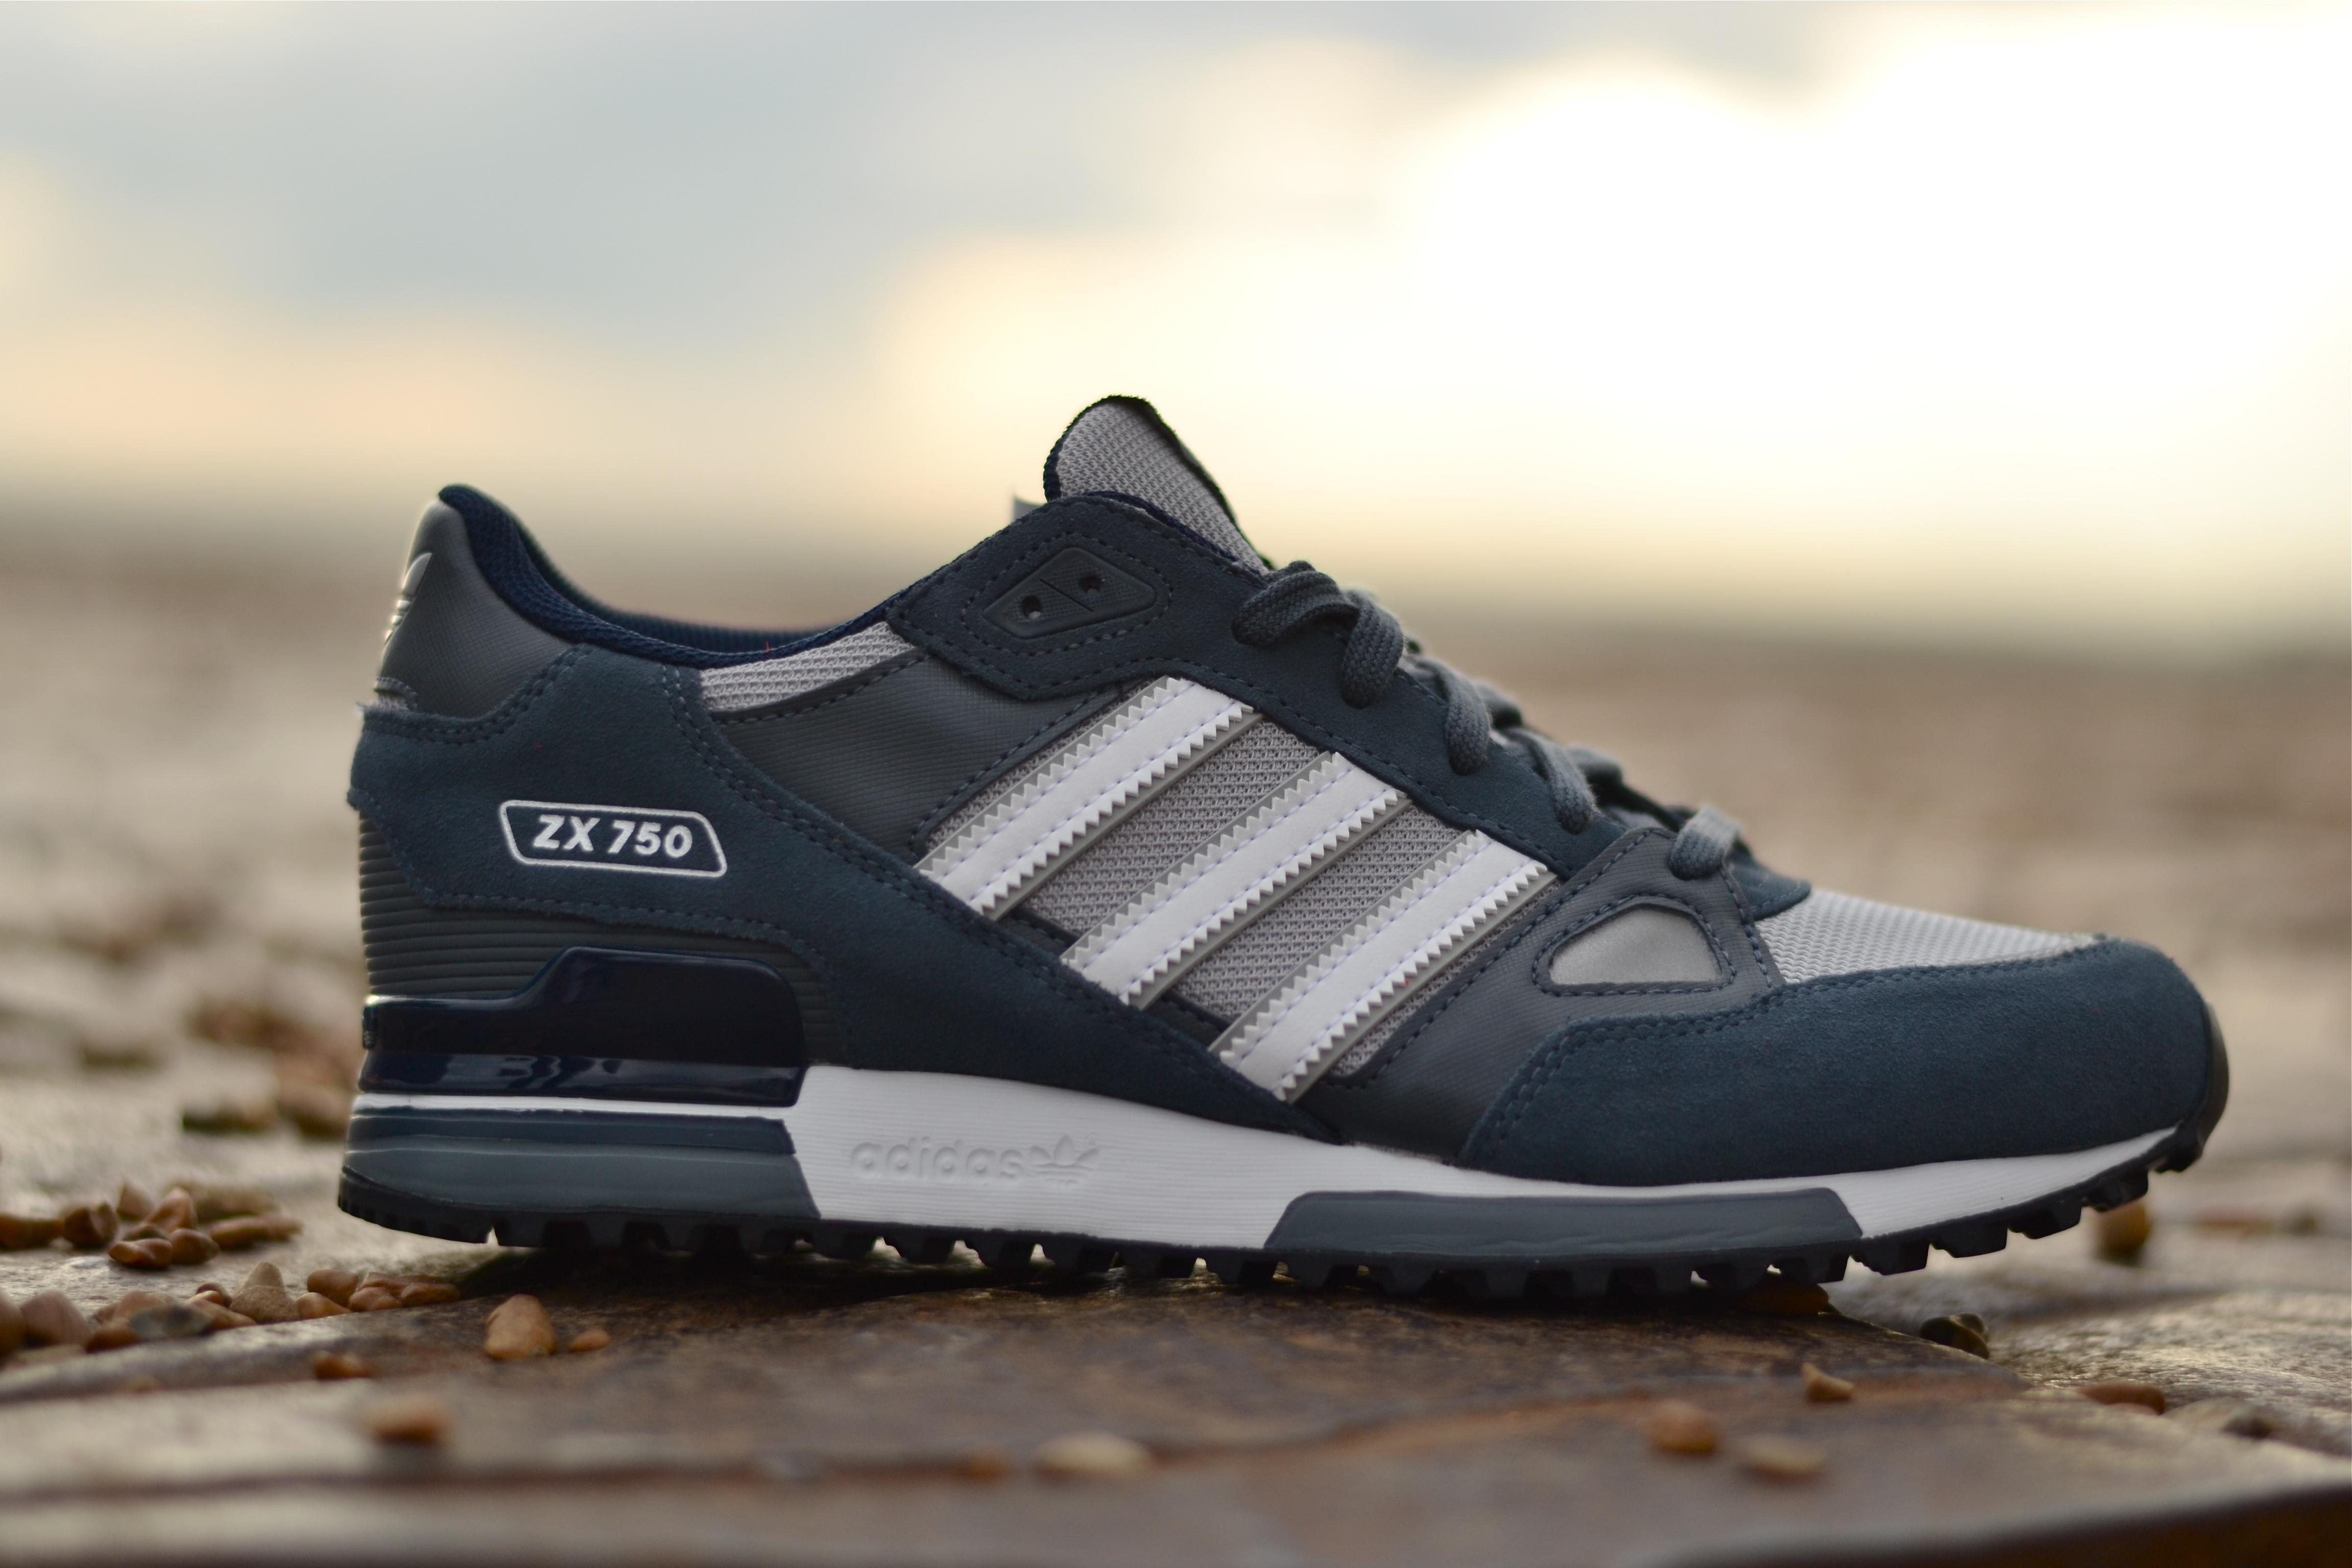 adidas zx 750 jd sports Off 64% - rkes